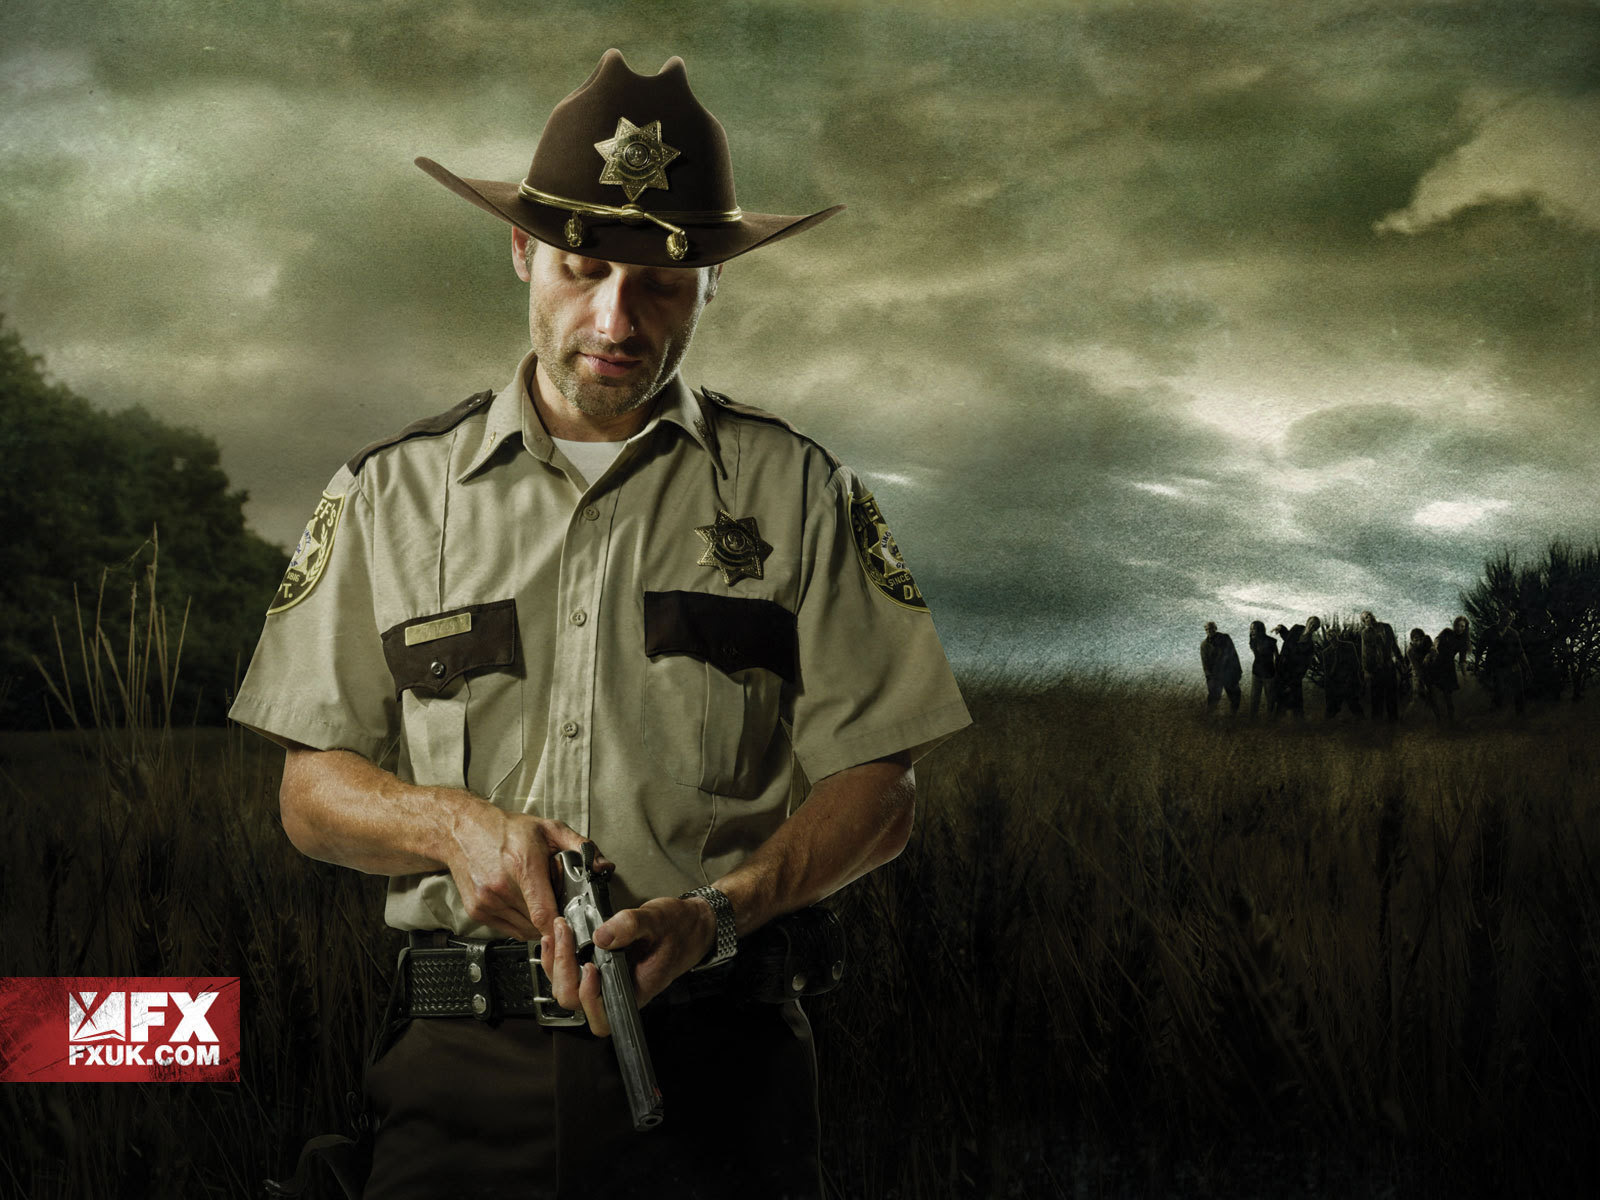 Walking Dead Rick Wallpaper 1600x1200 56808